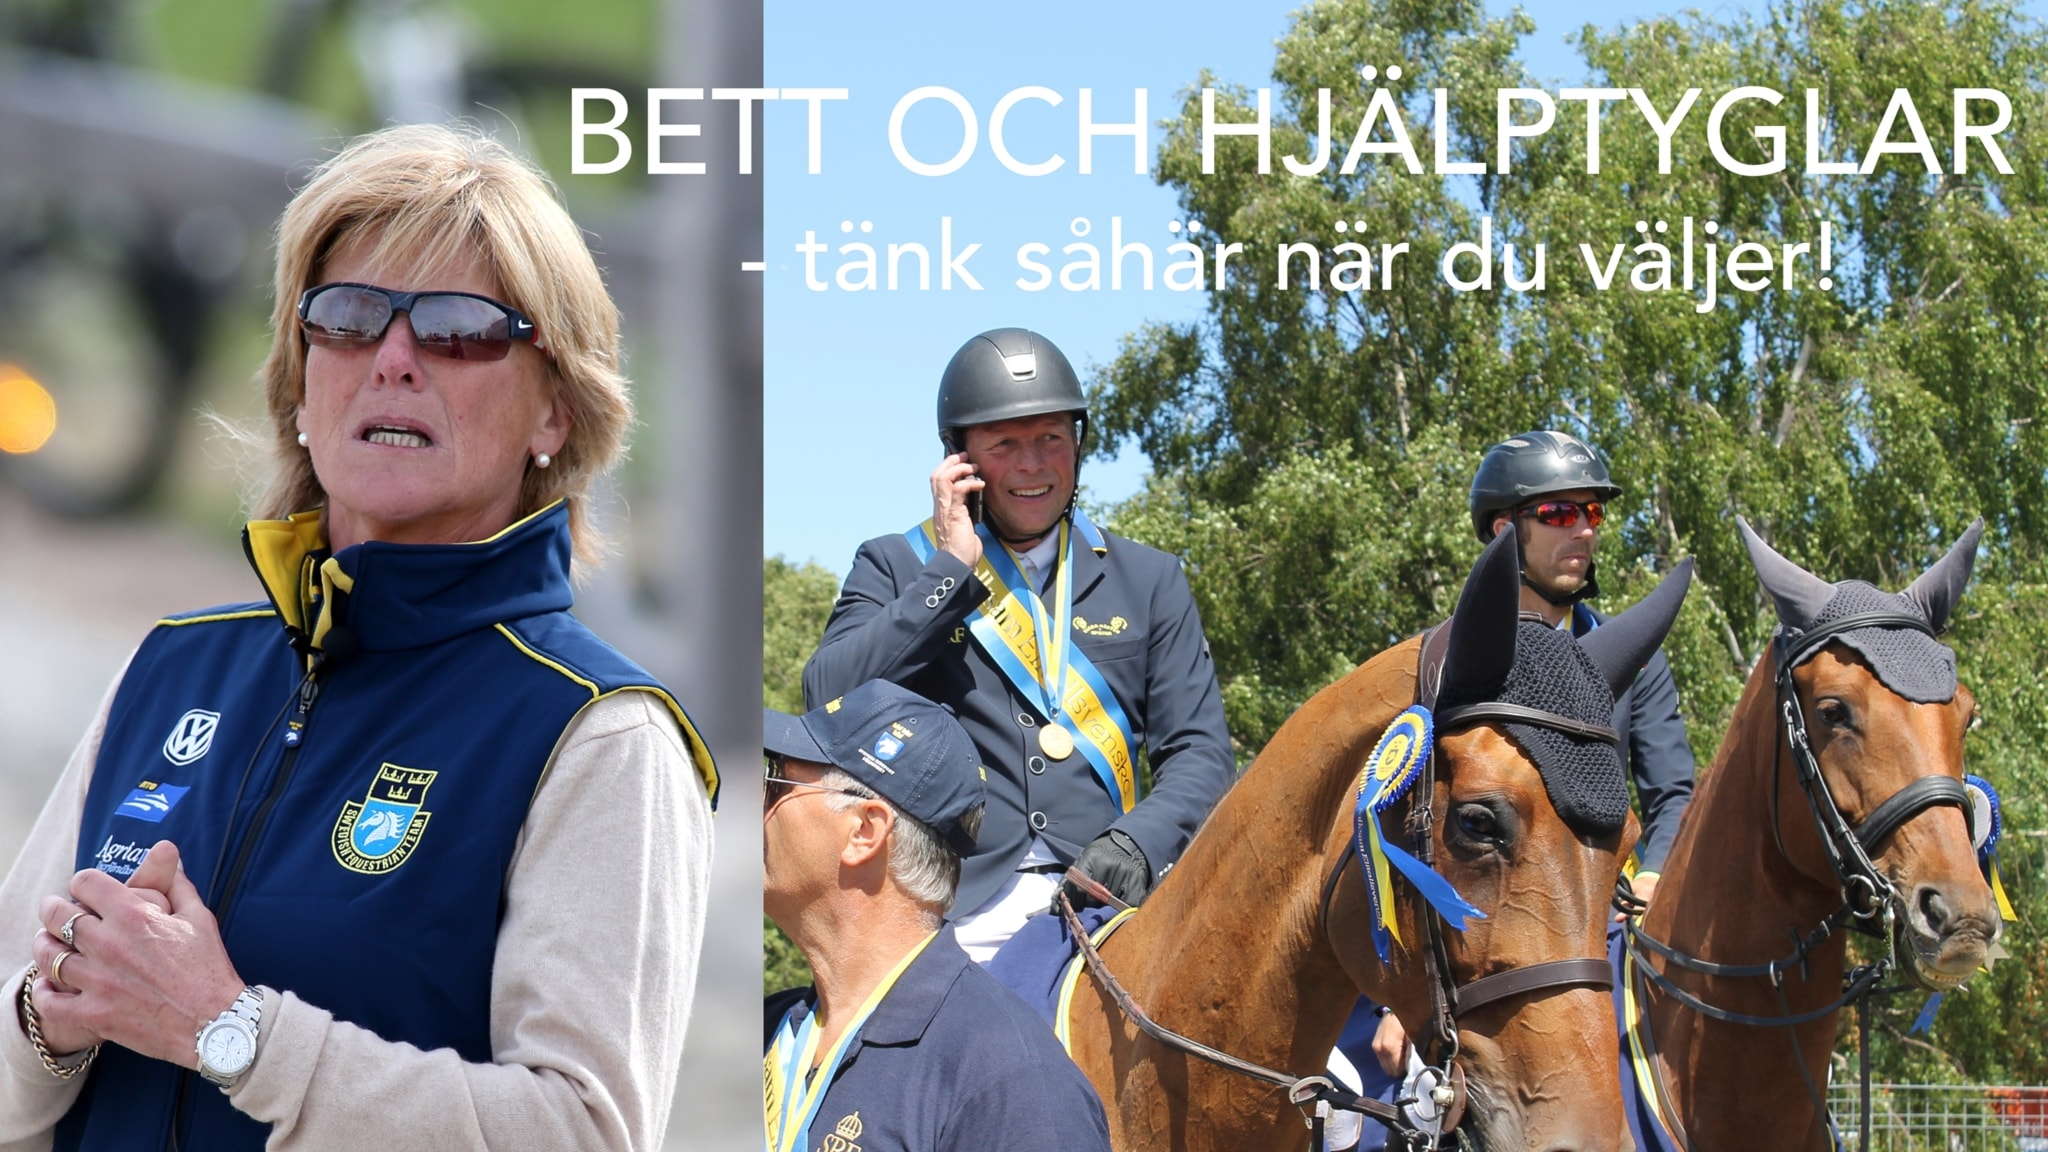 Bett och hjälptyglar - med Jens Fredricson och Elisabet Lundholm